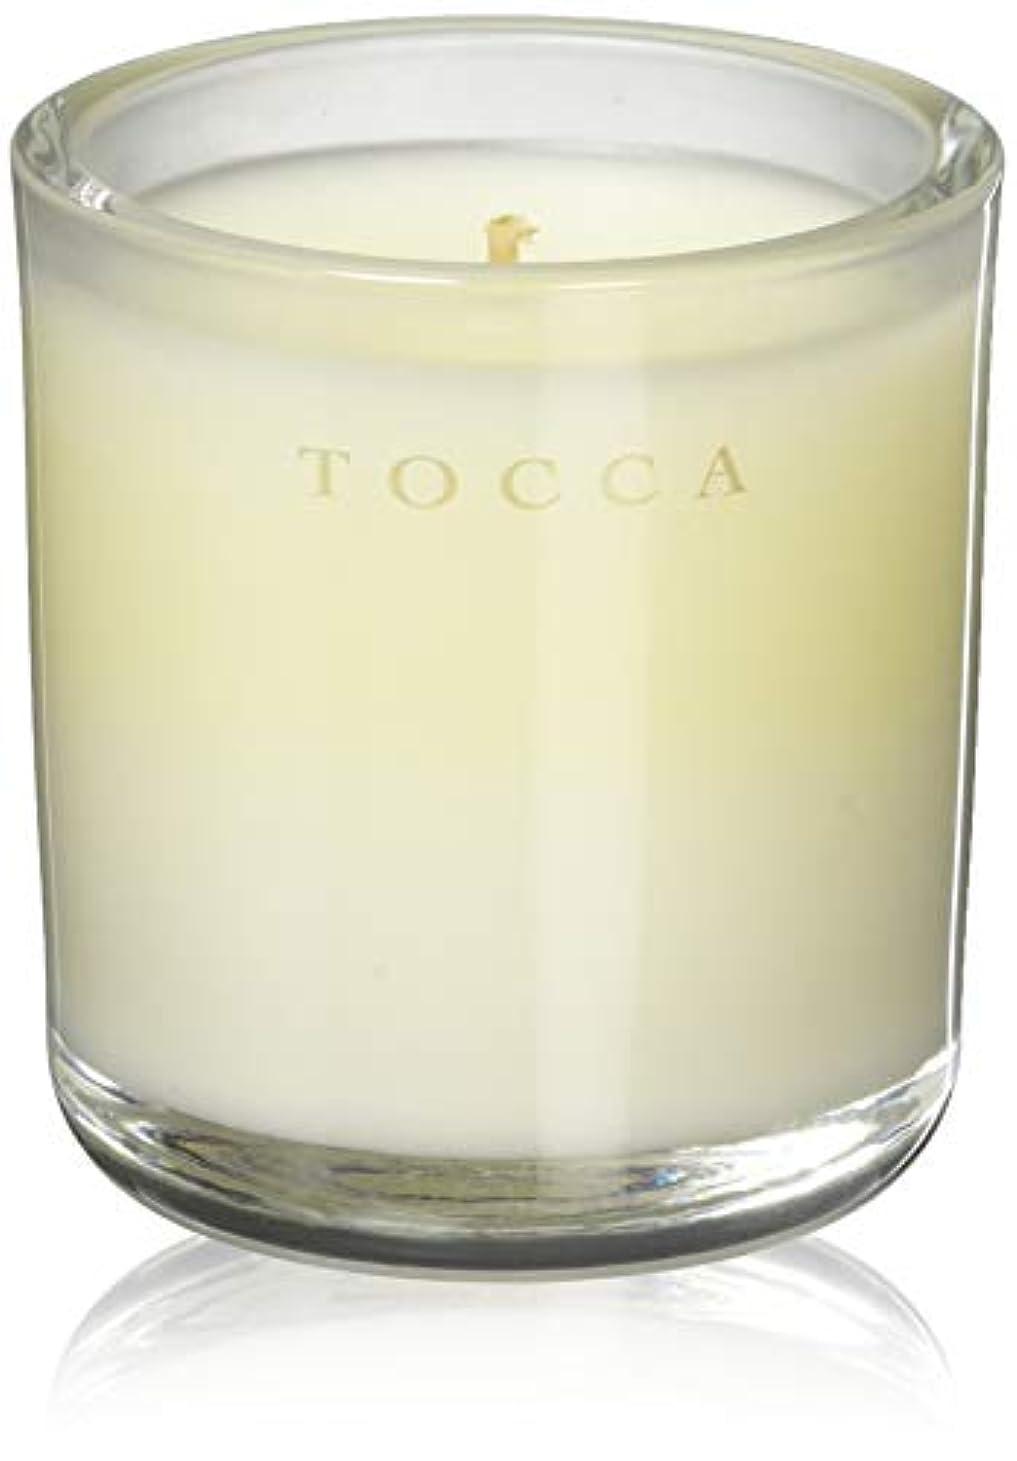 スリラーしなやかな自分TOCCA(トッカ) ボヤージュ キャンデリーナ マラケシュ 85g (ろうそく 芳香 パチュリとアンバーのスパイシーな香り)